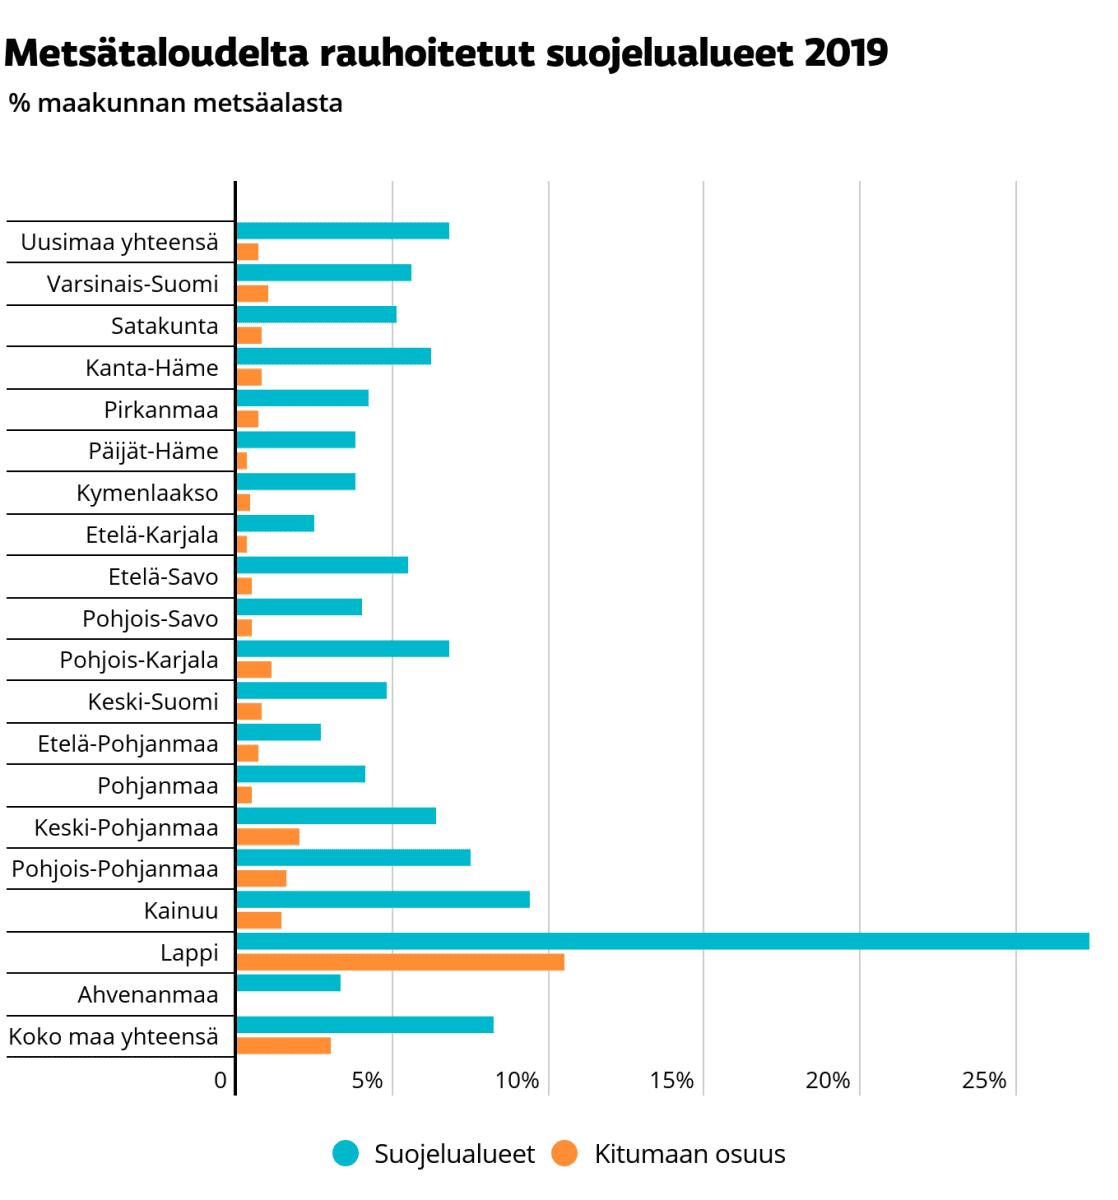 Metsätaloudelta rauhoitetut suojelualueet  2019.